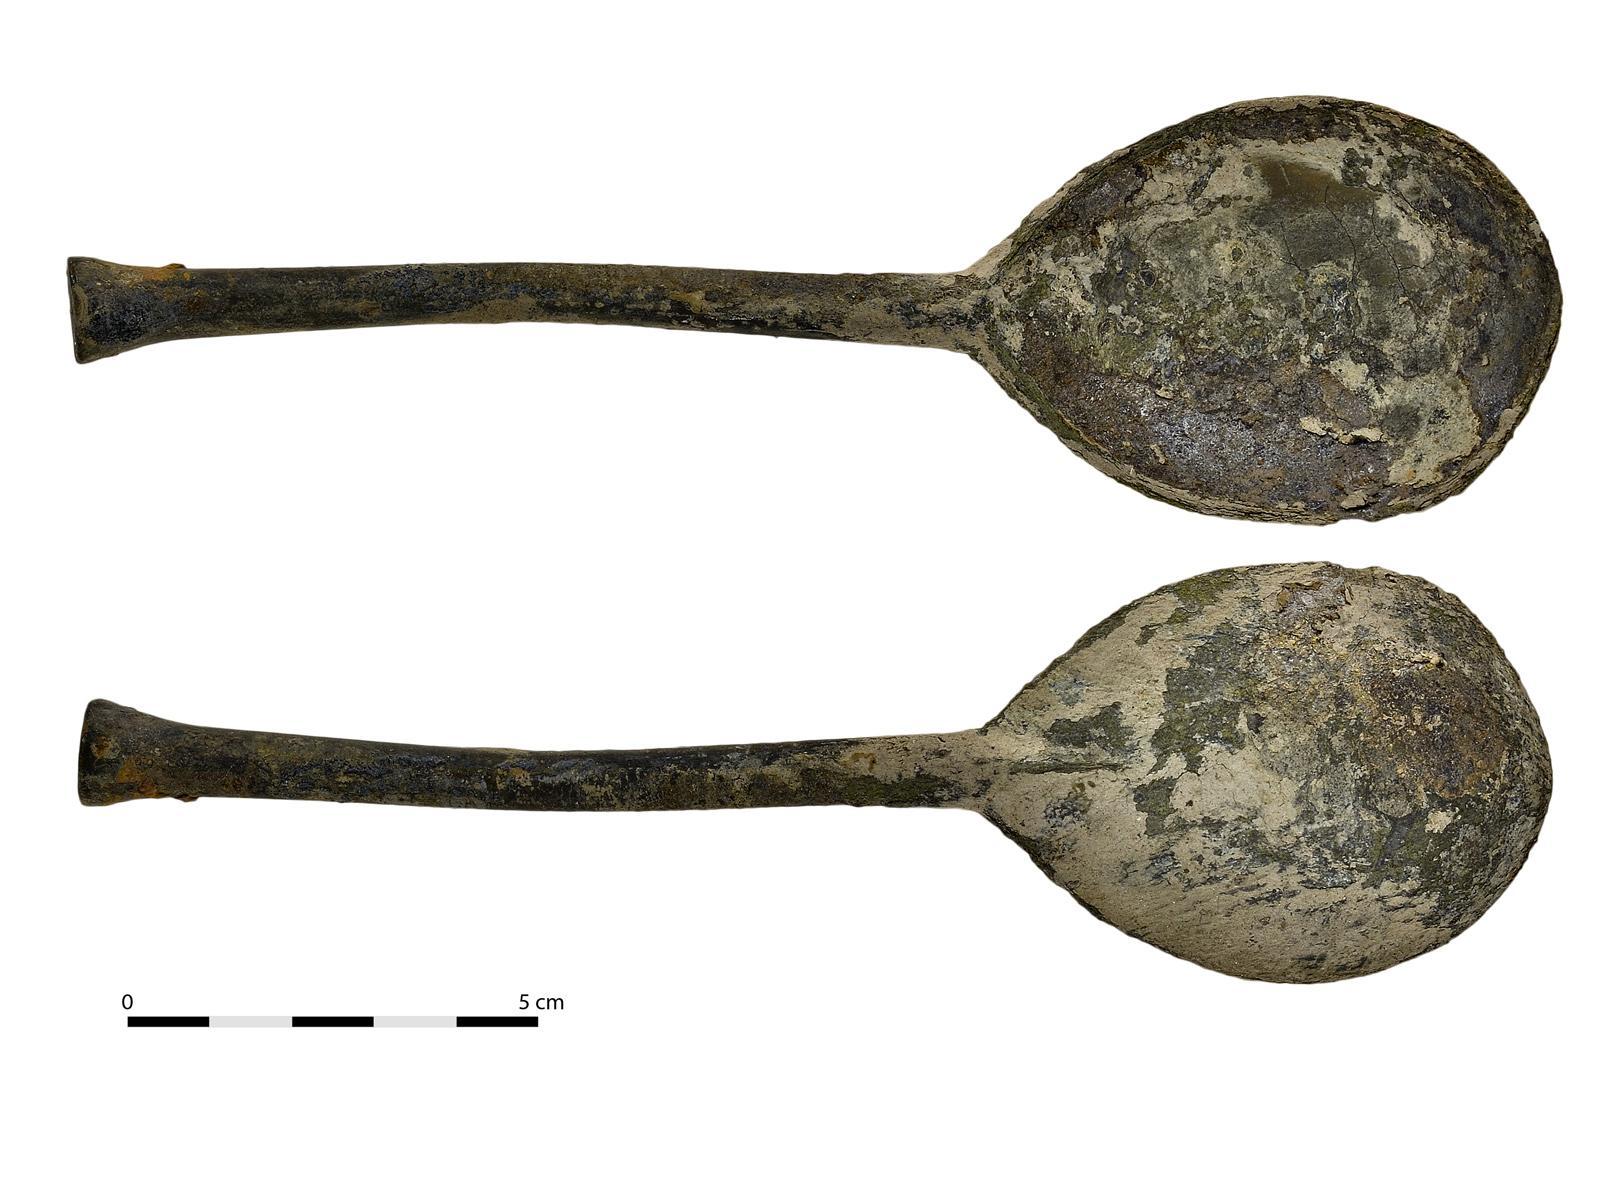 Cuillère en argent (face et revers) du XVIe siècle. © Dominique Bossut, Inrap.